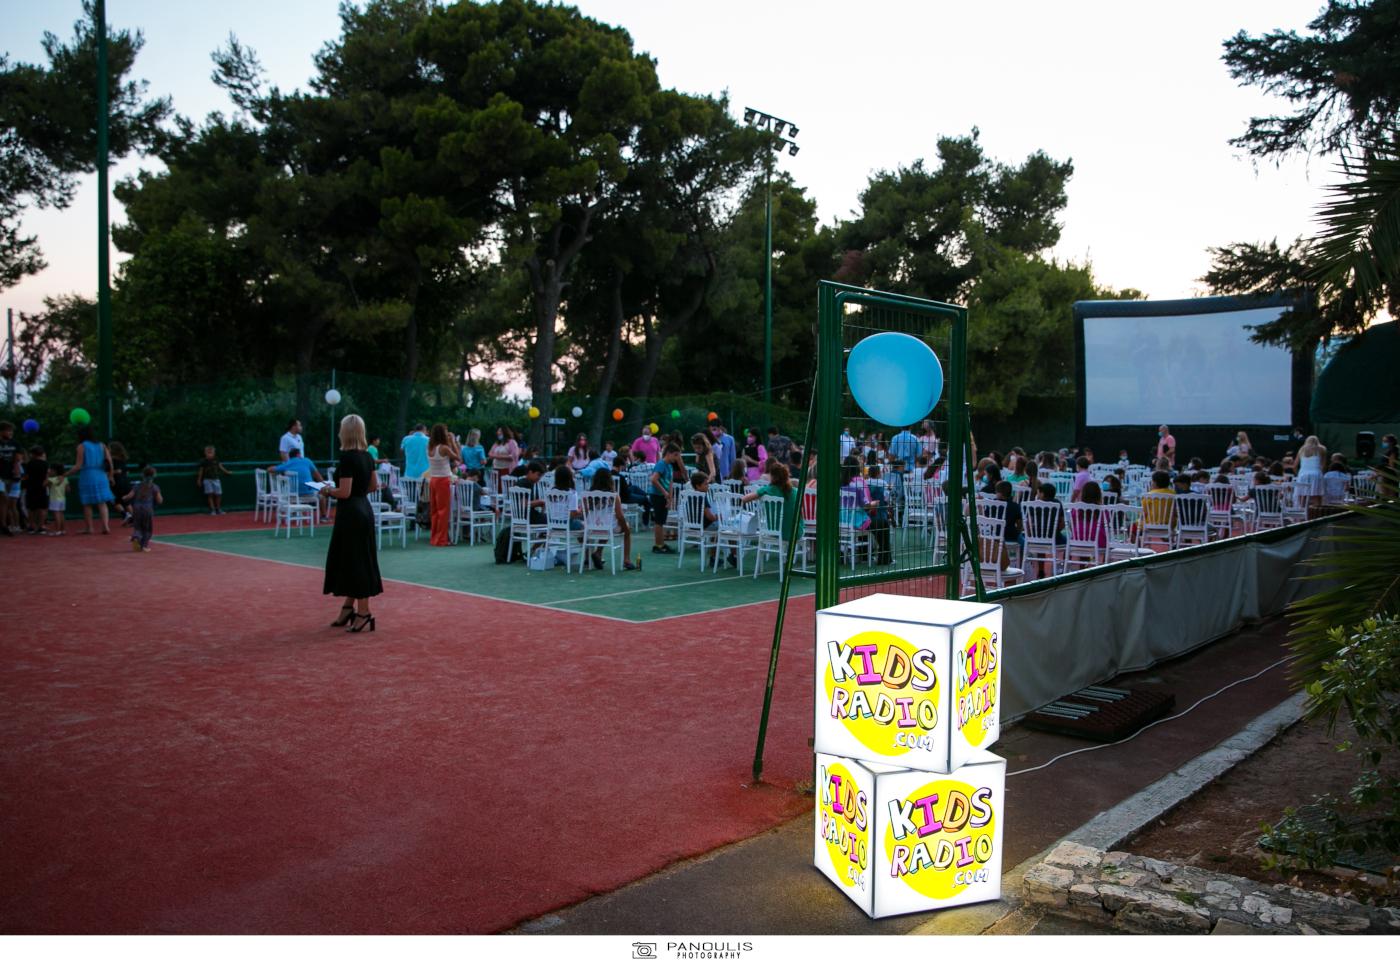 """Το KidsRadio.com ήταν χορηγός επικοινωνίας στην πρεμιέρα της ταινίας """"Λάσι Γύρνα Σπίτι"""" στο Ecali Club"""